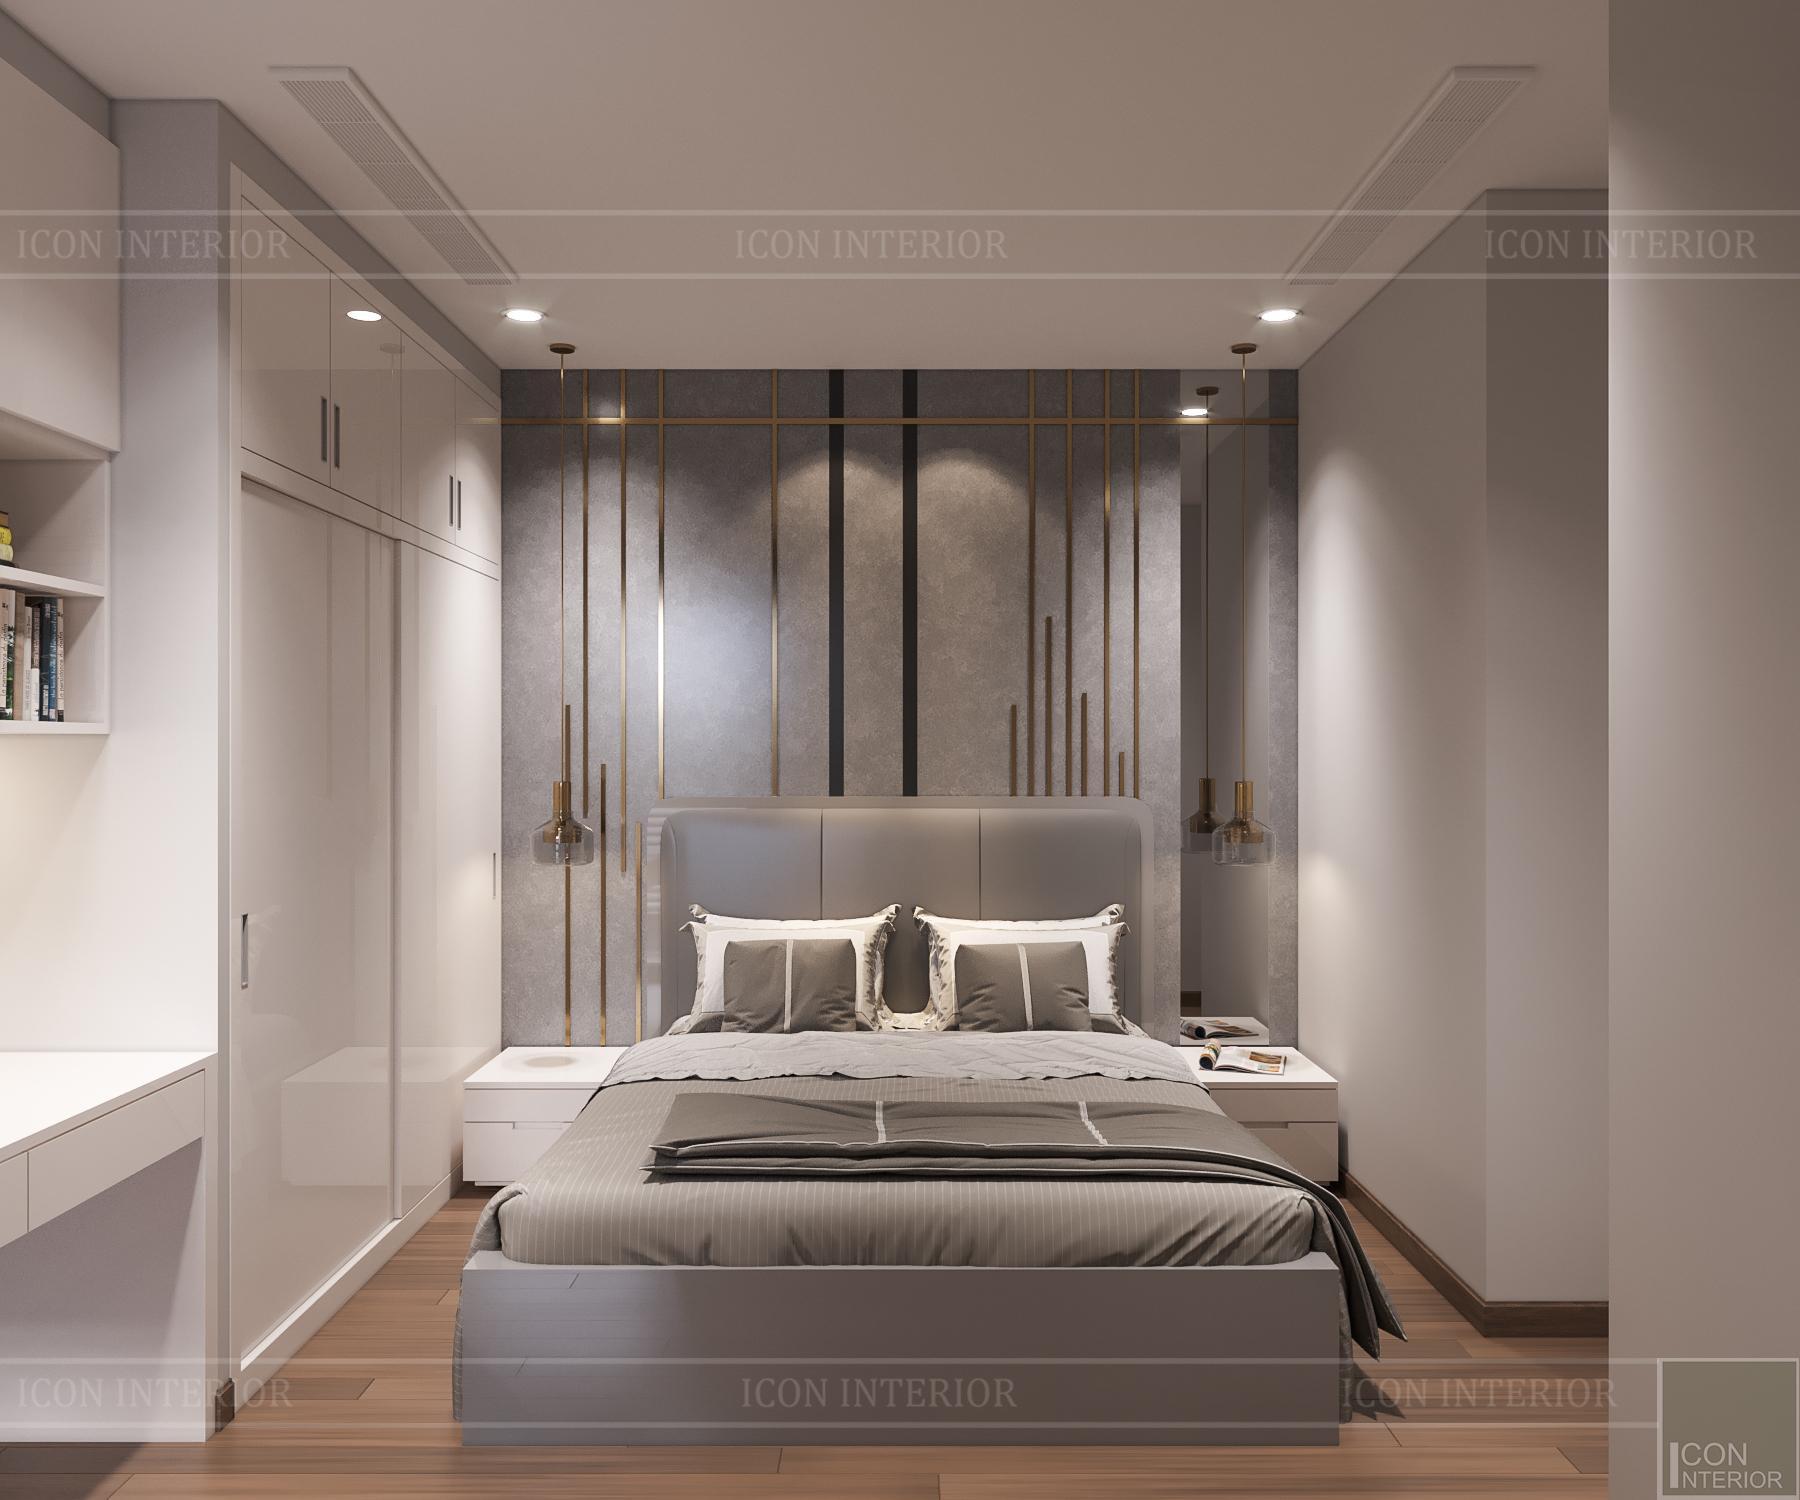 thiết kế căn hộ 3 phòng ngủ hiện đại - phòng ngủ nhỏ 2